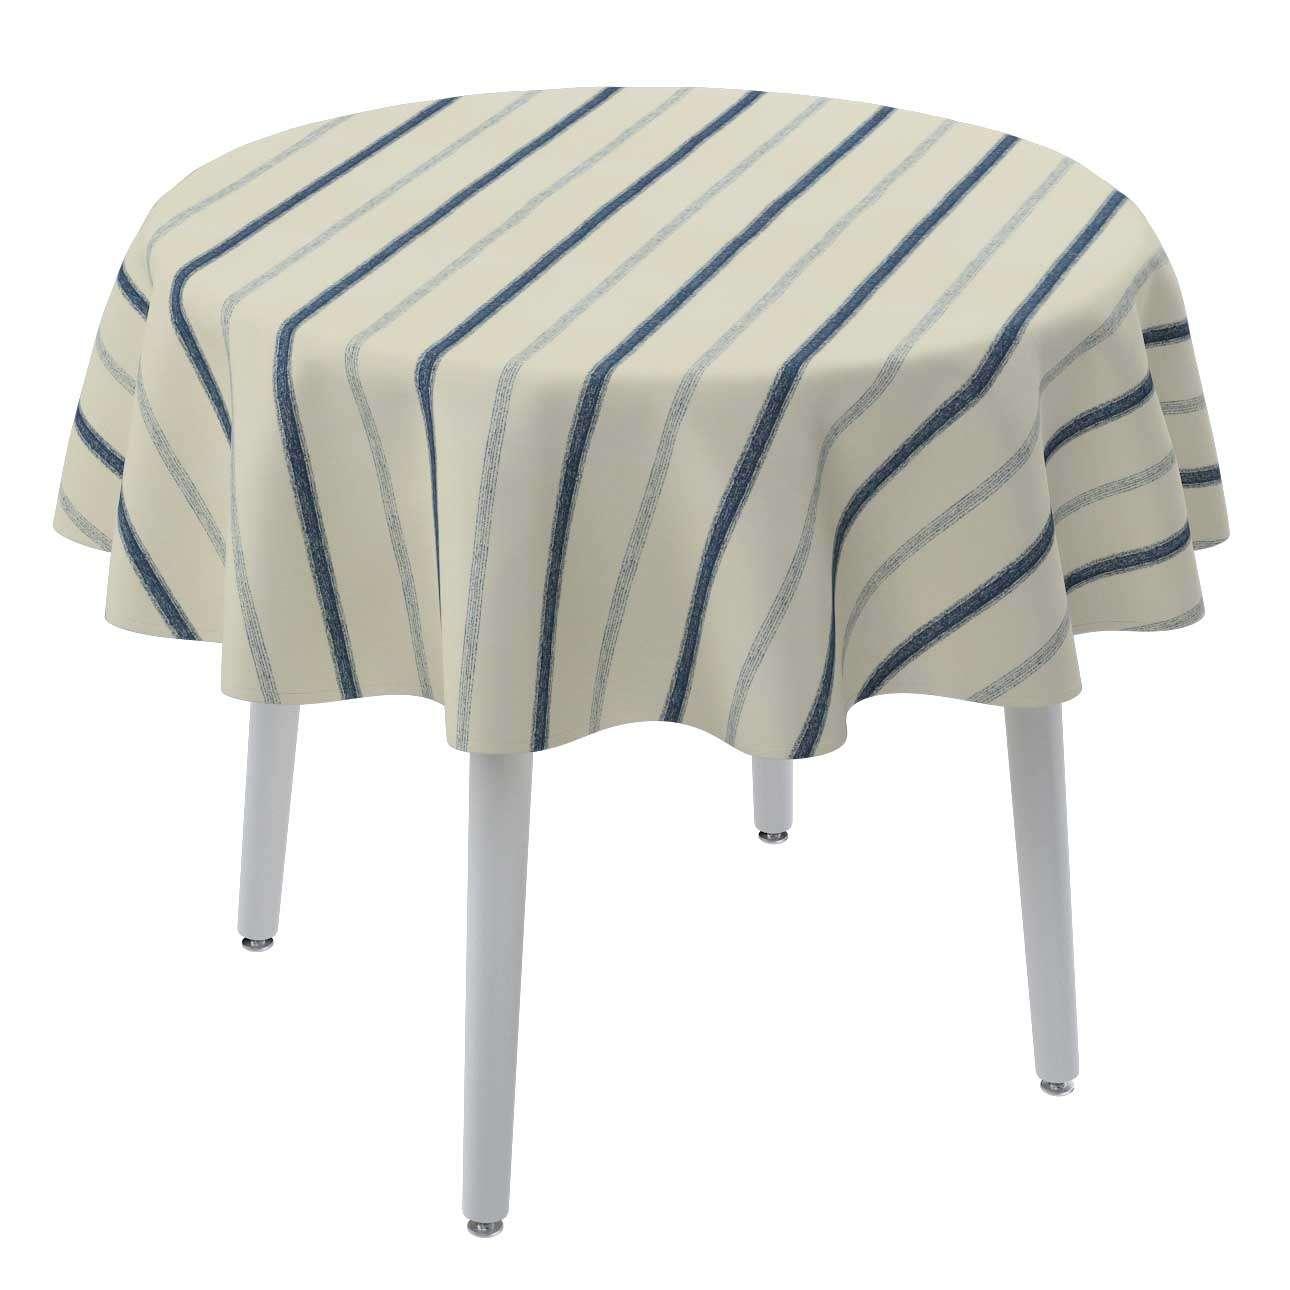 Staltiesės (apvaliam stalui) kolekcijoje Avinon, audinys: 129-66